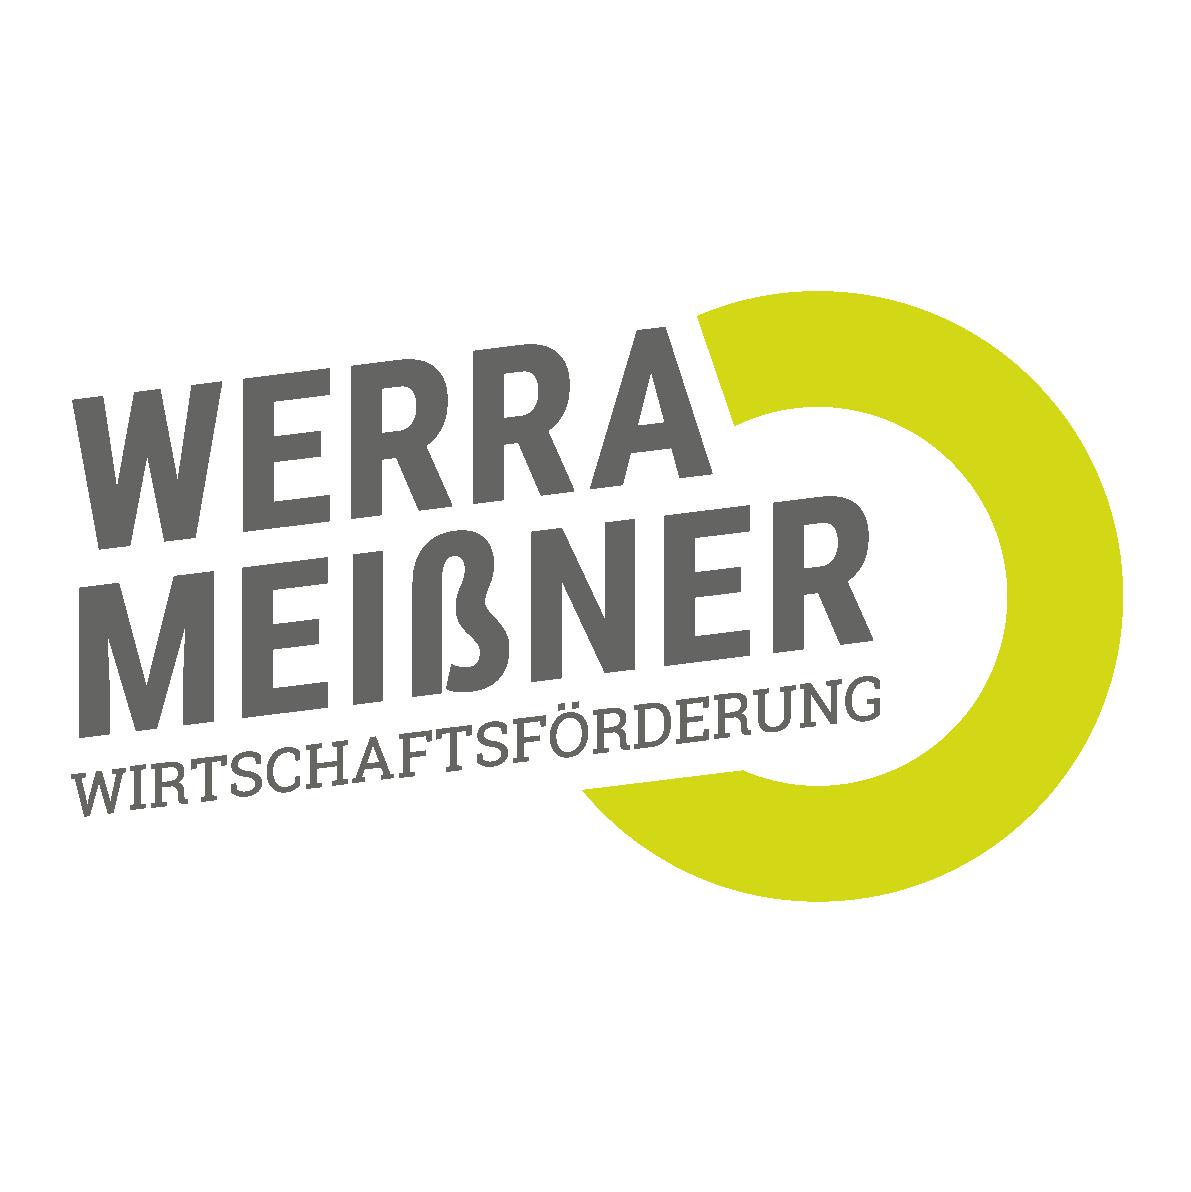 Wirtschaftförderung Werra Meißner